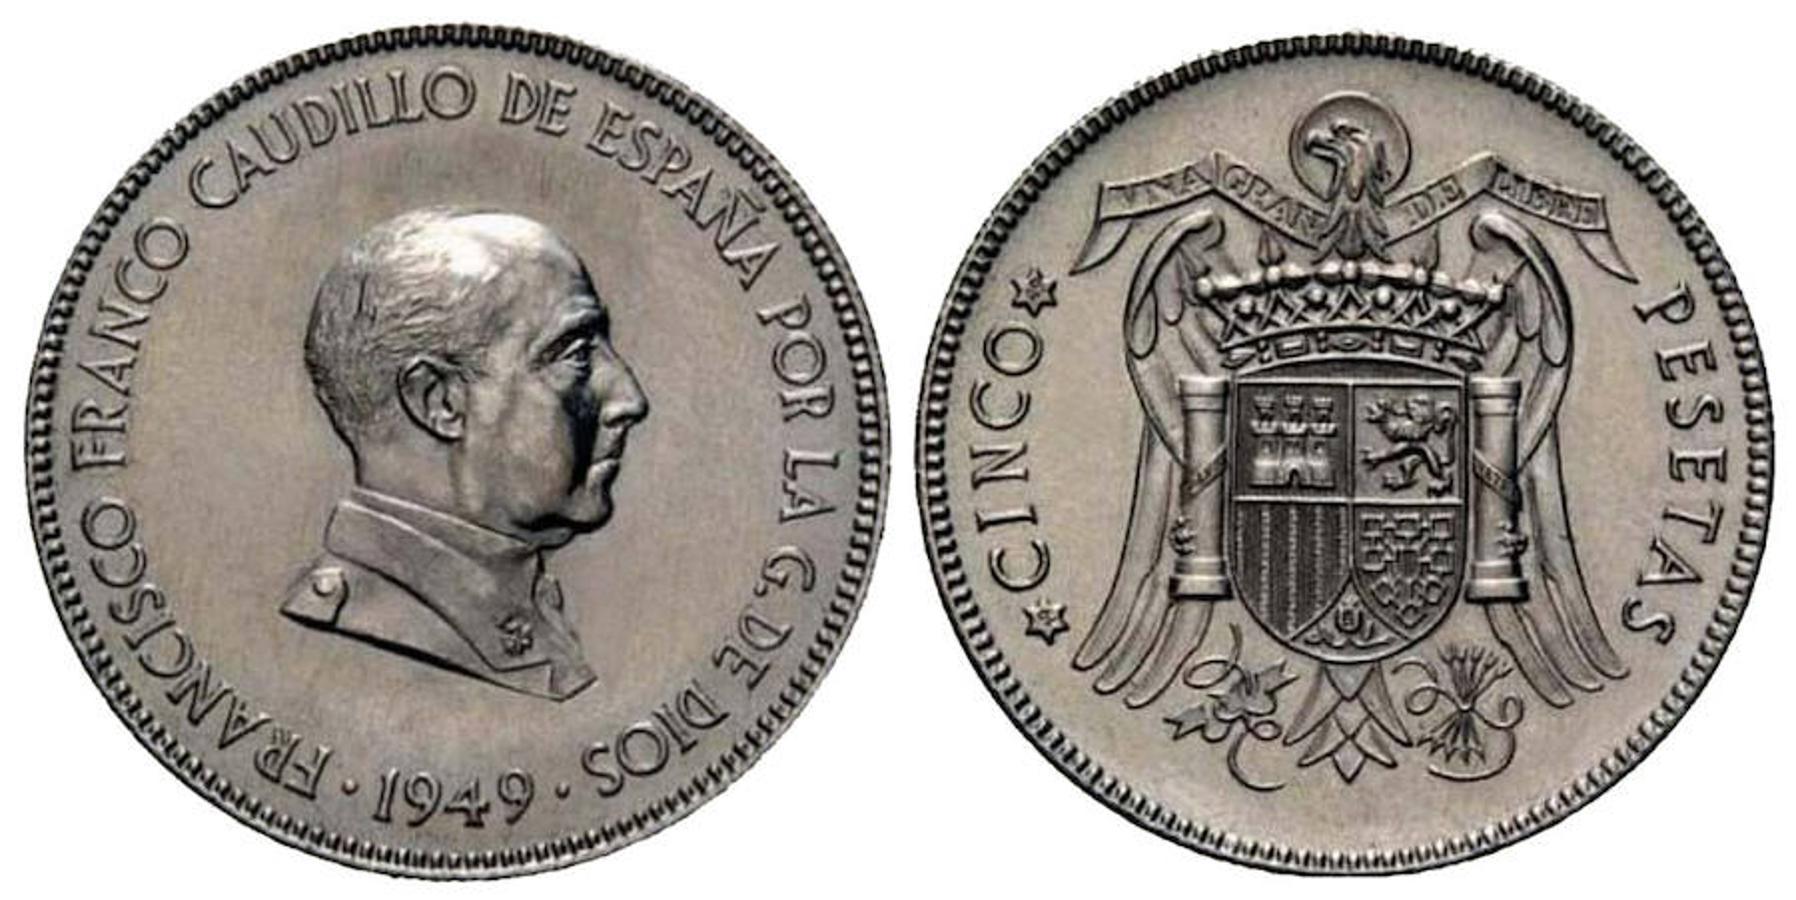 Los famosos duros se acuñaron hasta 1952. El encarecimiento del níquel hizo que creciera la especulación y se hubo de retirar de la circulación. Pueden llegar a costar entre 12.000 y 20.000 euros.